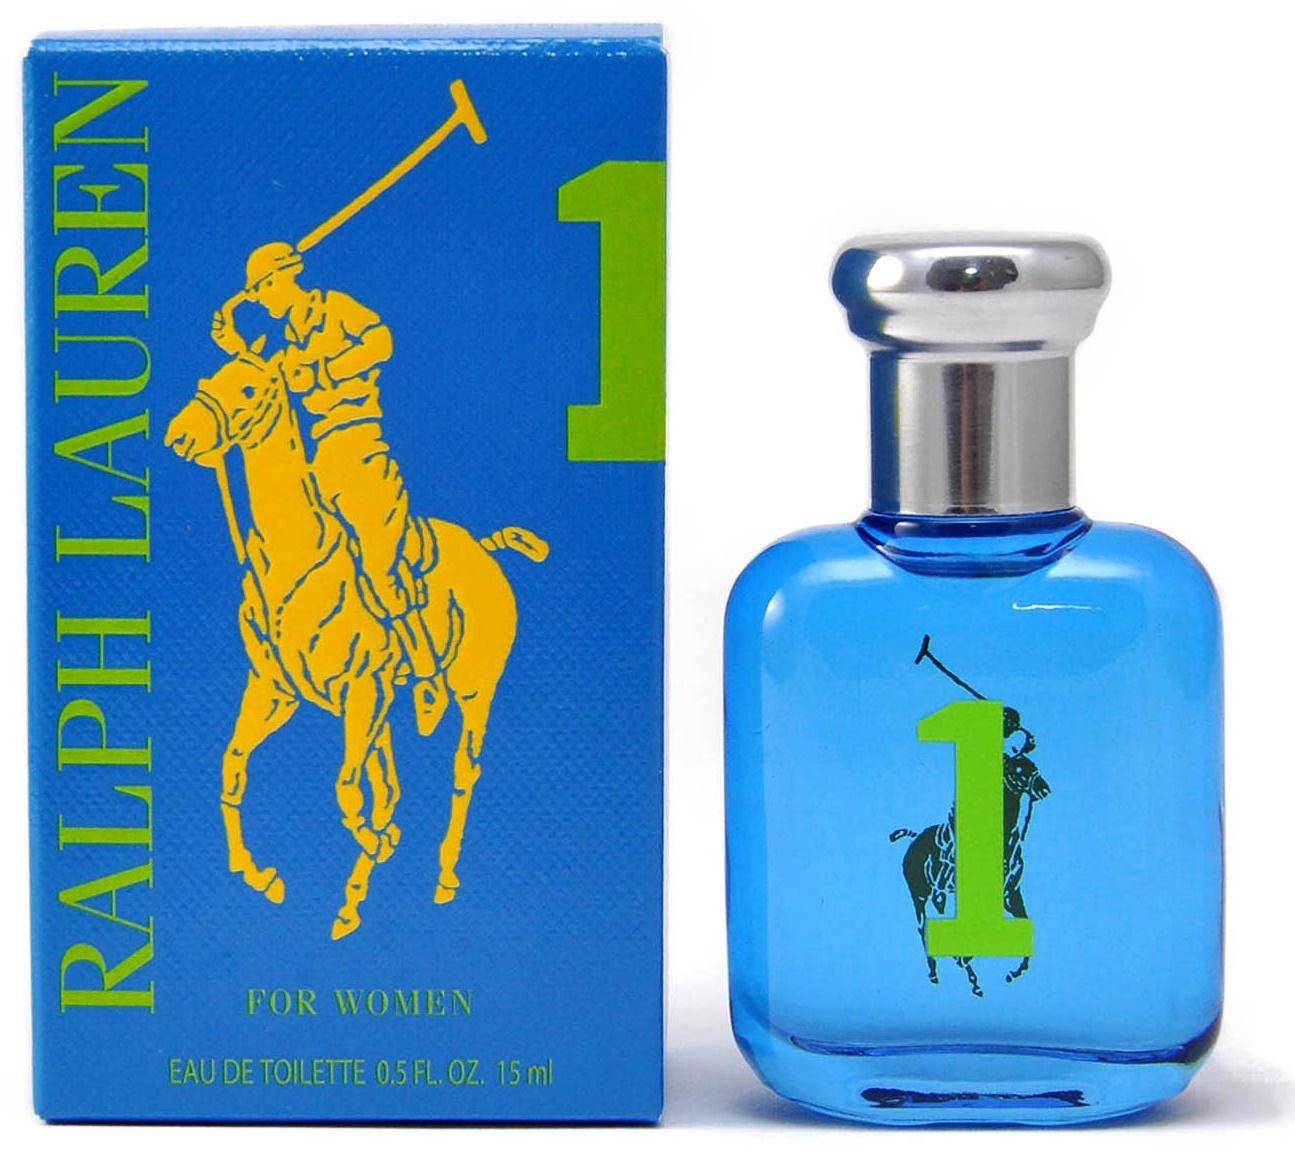 Ralph Lauren Big Pony 1 Blue Women (bez rozprašovača), Toaletní voda, 15ml, Dámska vůně, + AKCE: dárek zdarma